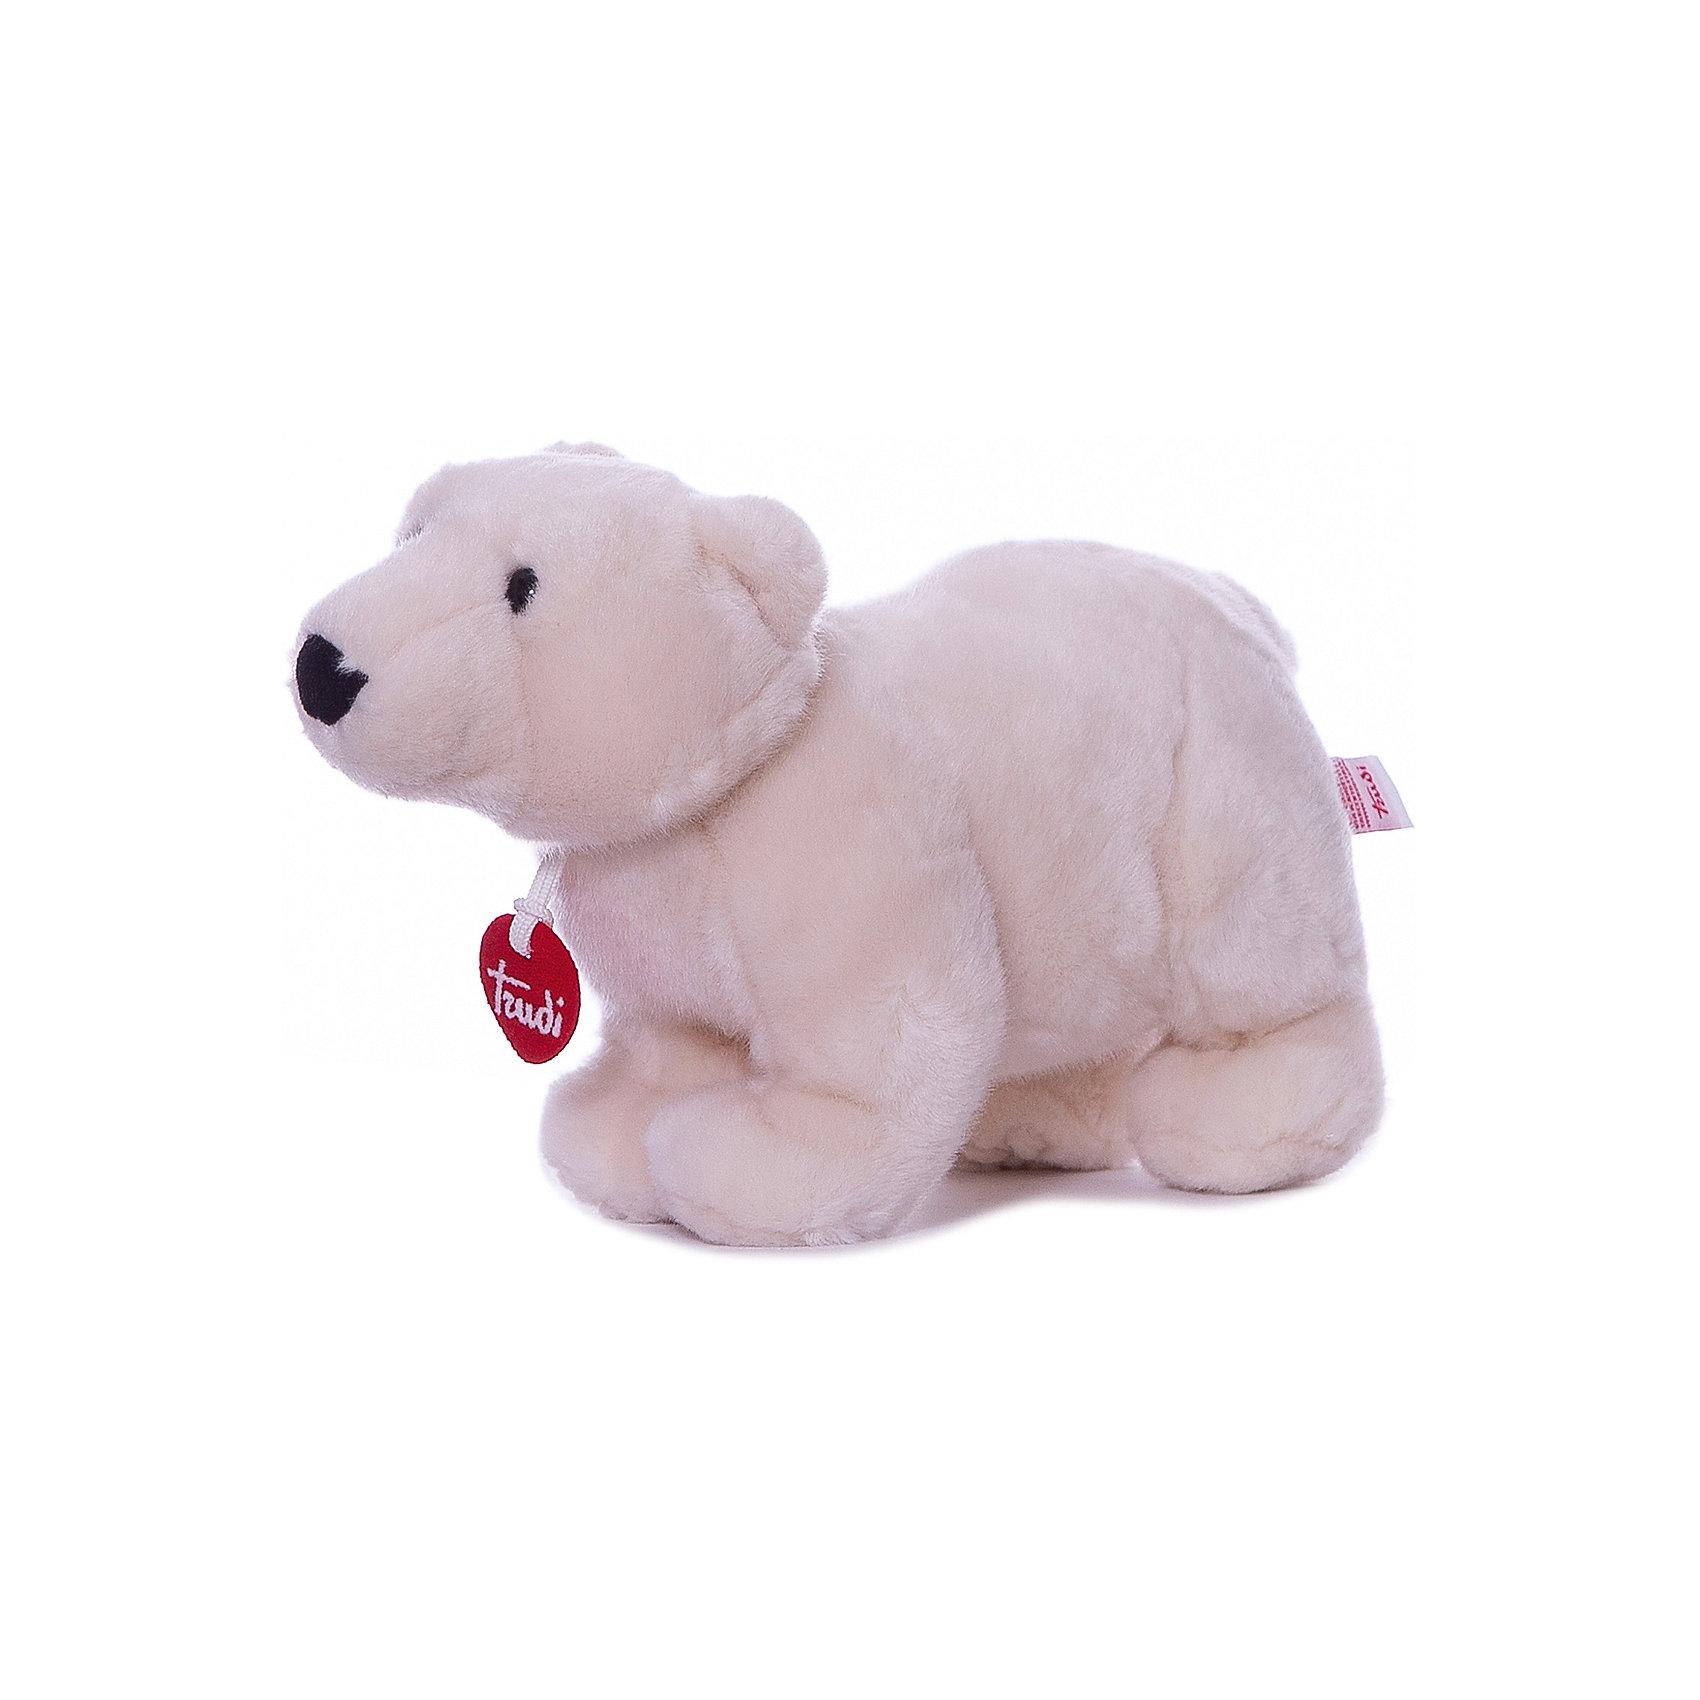 Полярный медведь Пласидо, 28 см, TrudiМедвежата<br>Характеристики товара:<br><br>• возраст от 1 года;<br>• материал: плюш, пластик;<br>• высота игрушки 28 см;<br>• размер упаковки 25х15х18 см;<br>• вес упаковки 177 гр.;<br>• страна производитель Индонезия.<br><br>Полярный медведь Пласидо 28 см Trudi — мягкий белоснежный медвежонок с мягкими лапками, черным носиком и темными глазками. Медведь изготовлен из качественного безопасного материала, приятного на ощупь. Малыш моежт играть с игрушкой дома, брать на прогулку или в кроватку перед сном. Играя с игрушкой, у него развиваются тактильные ощущения, воображение.<br><br>Полярного медведя Пласидо 28 см Trudi можно приобрести в нашем интернет-магазине.<br><br>Ширина мм: 150<br>Глубина мм: 250<br>Высота мм: 180<br>Вес г: 177<br>Возраст от месяцев: 12<br>Возраст до месяцев: 2147483647<br>Пол: Унисекс<br>Возраст: Детский<br>SKU: 5578417